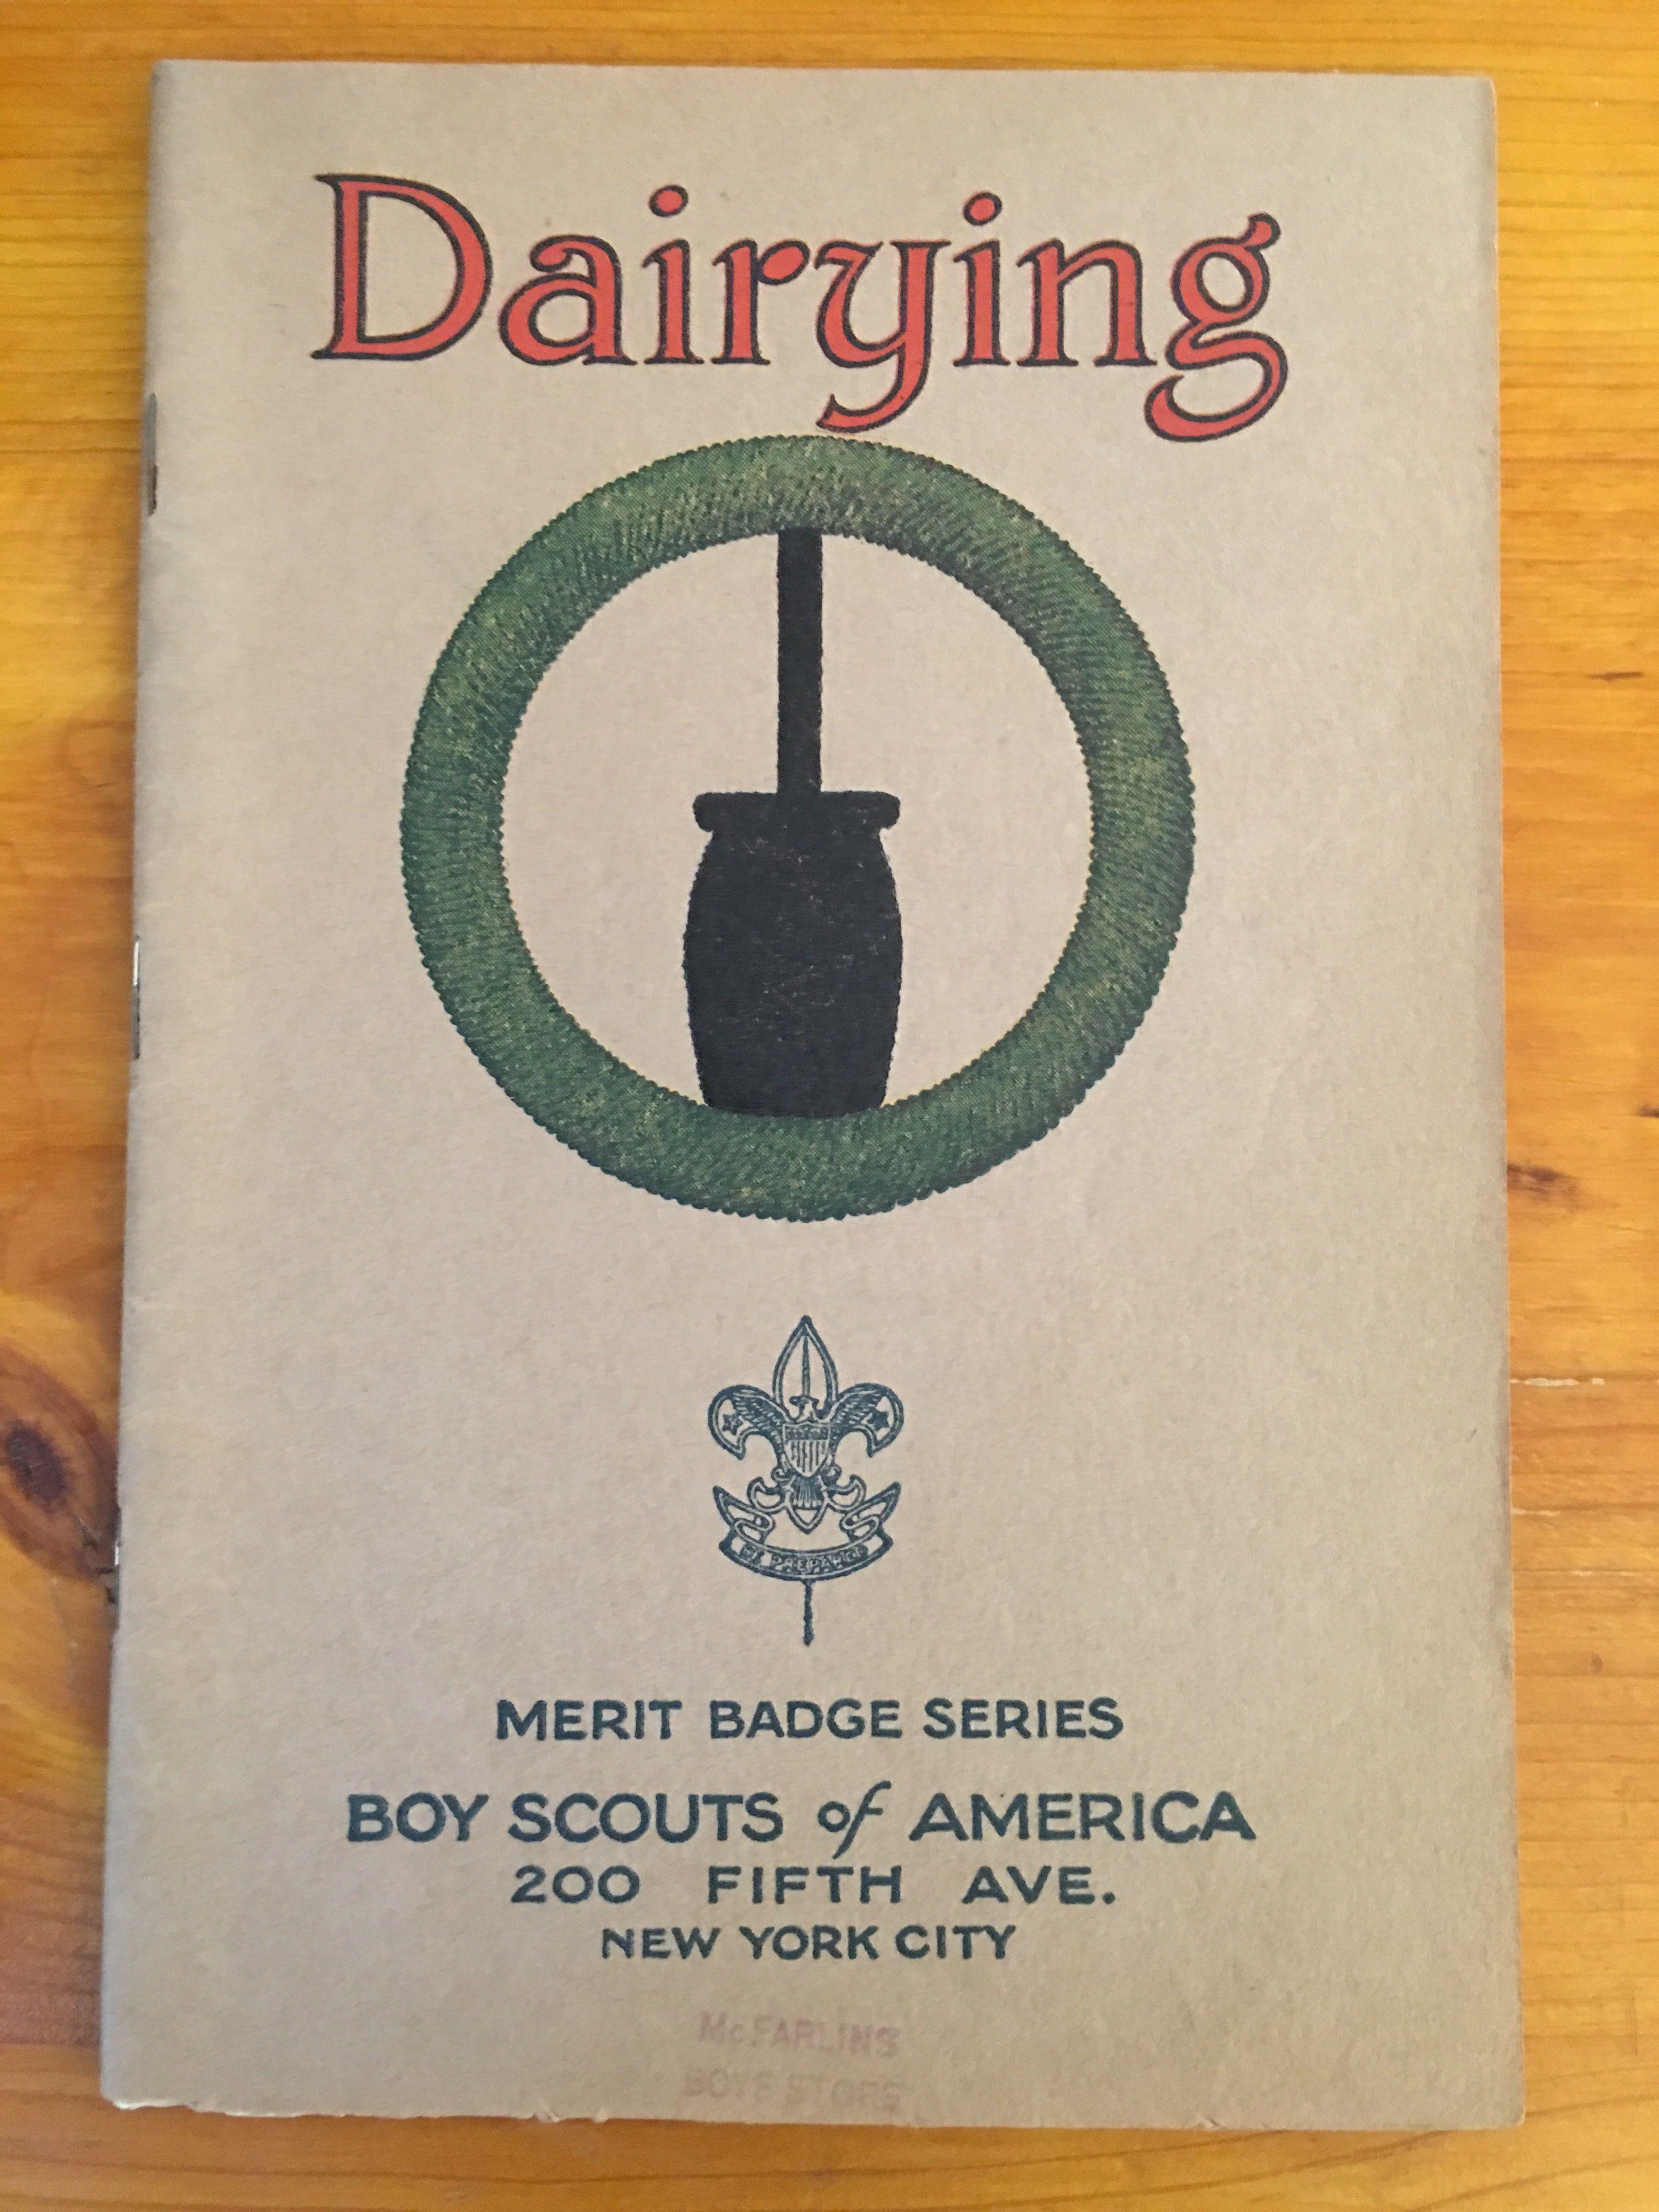 Dairying Merit Badge Book